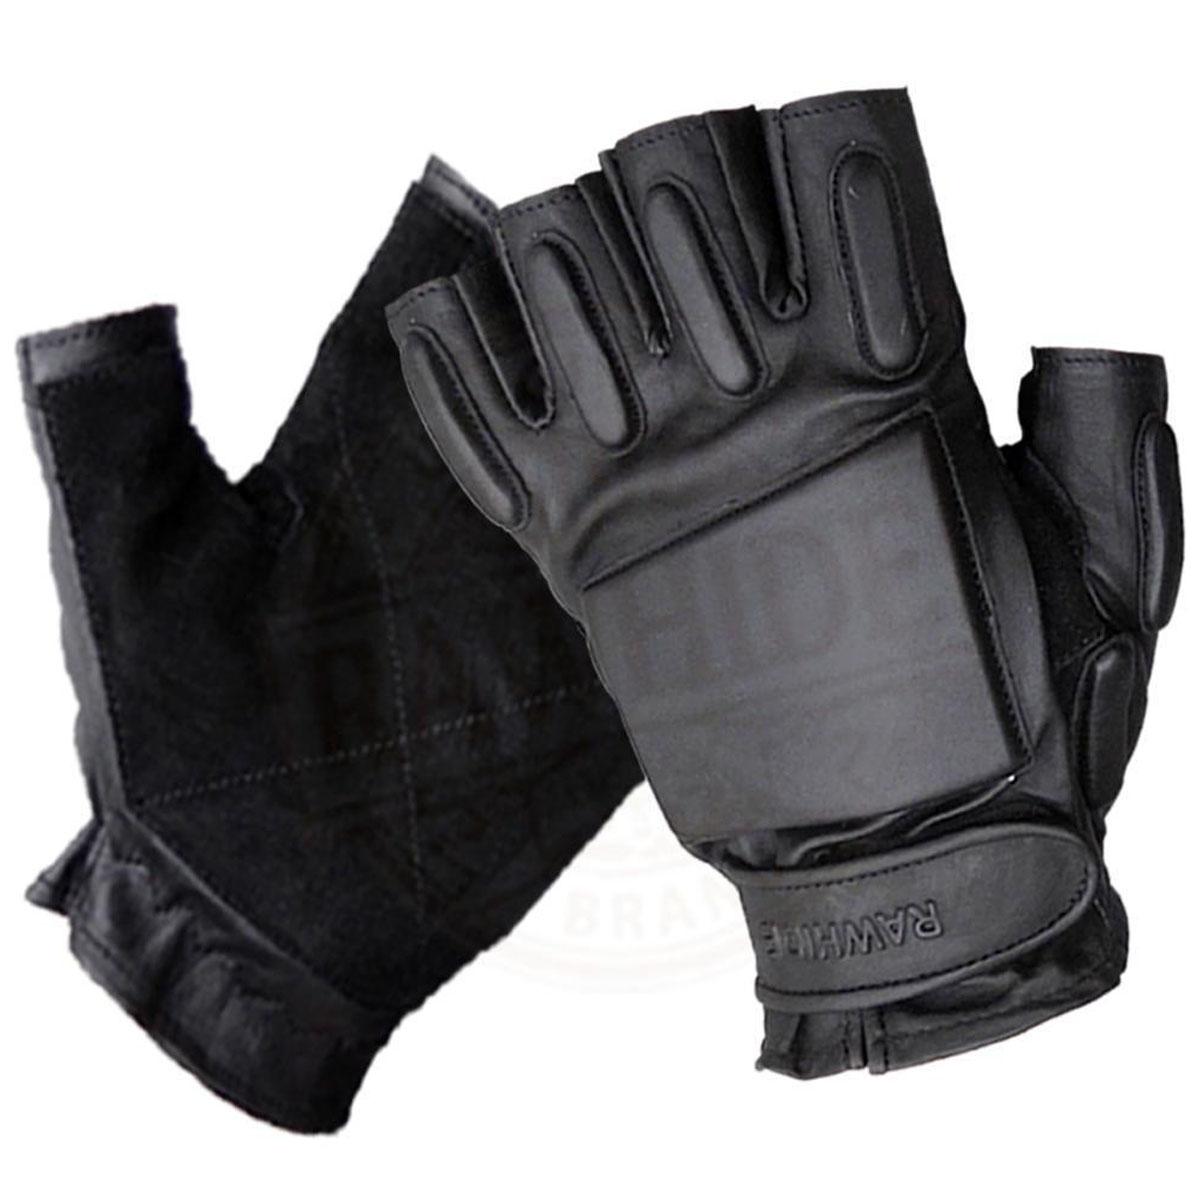 Fingerless driving gloves ebay - Availability In Stock Leather Fingerless Padded Gloves